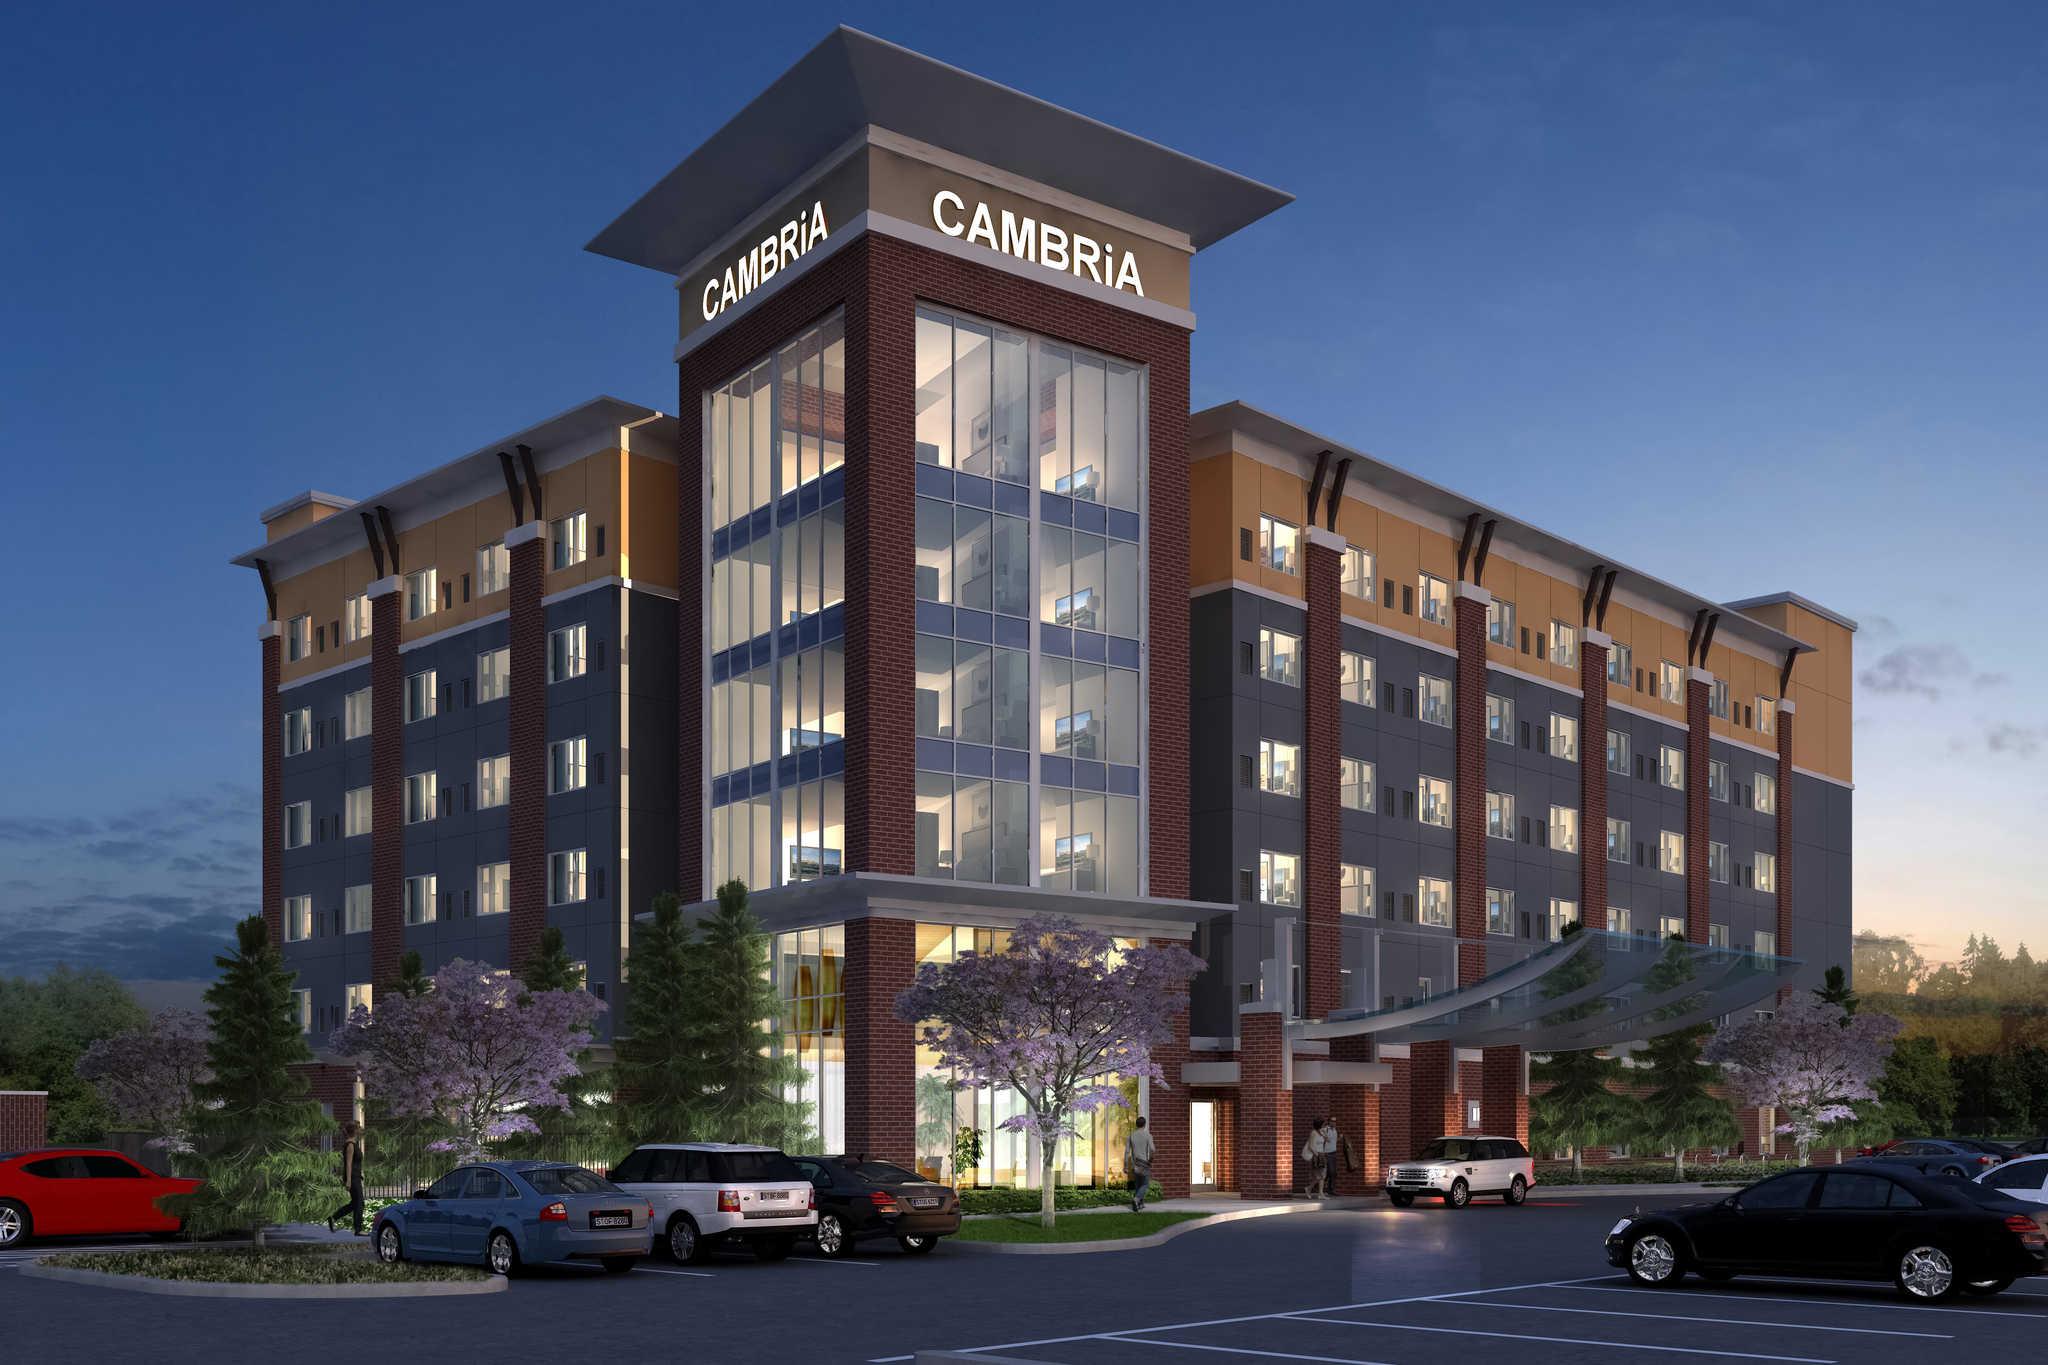 Αποτέλεσμα εικόνας για Cambria Hotel in Los Angeles